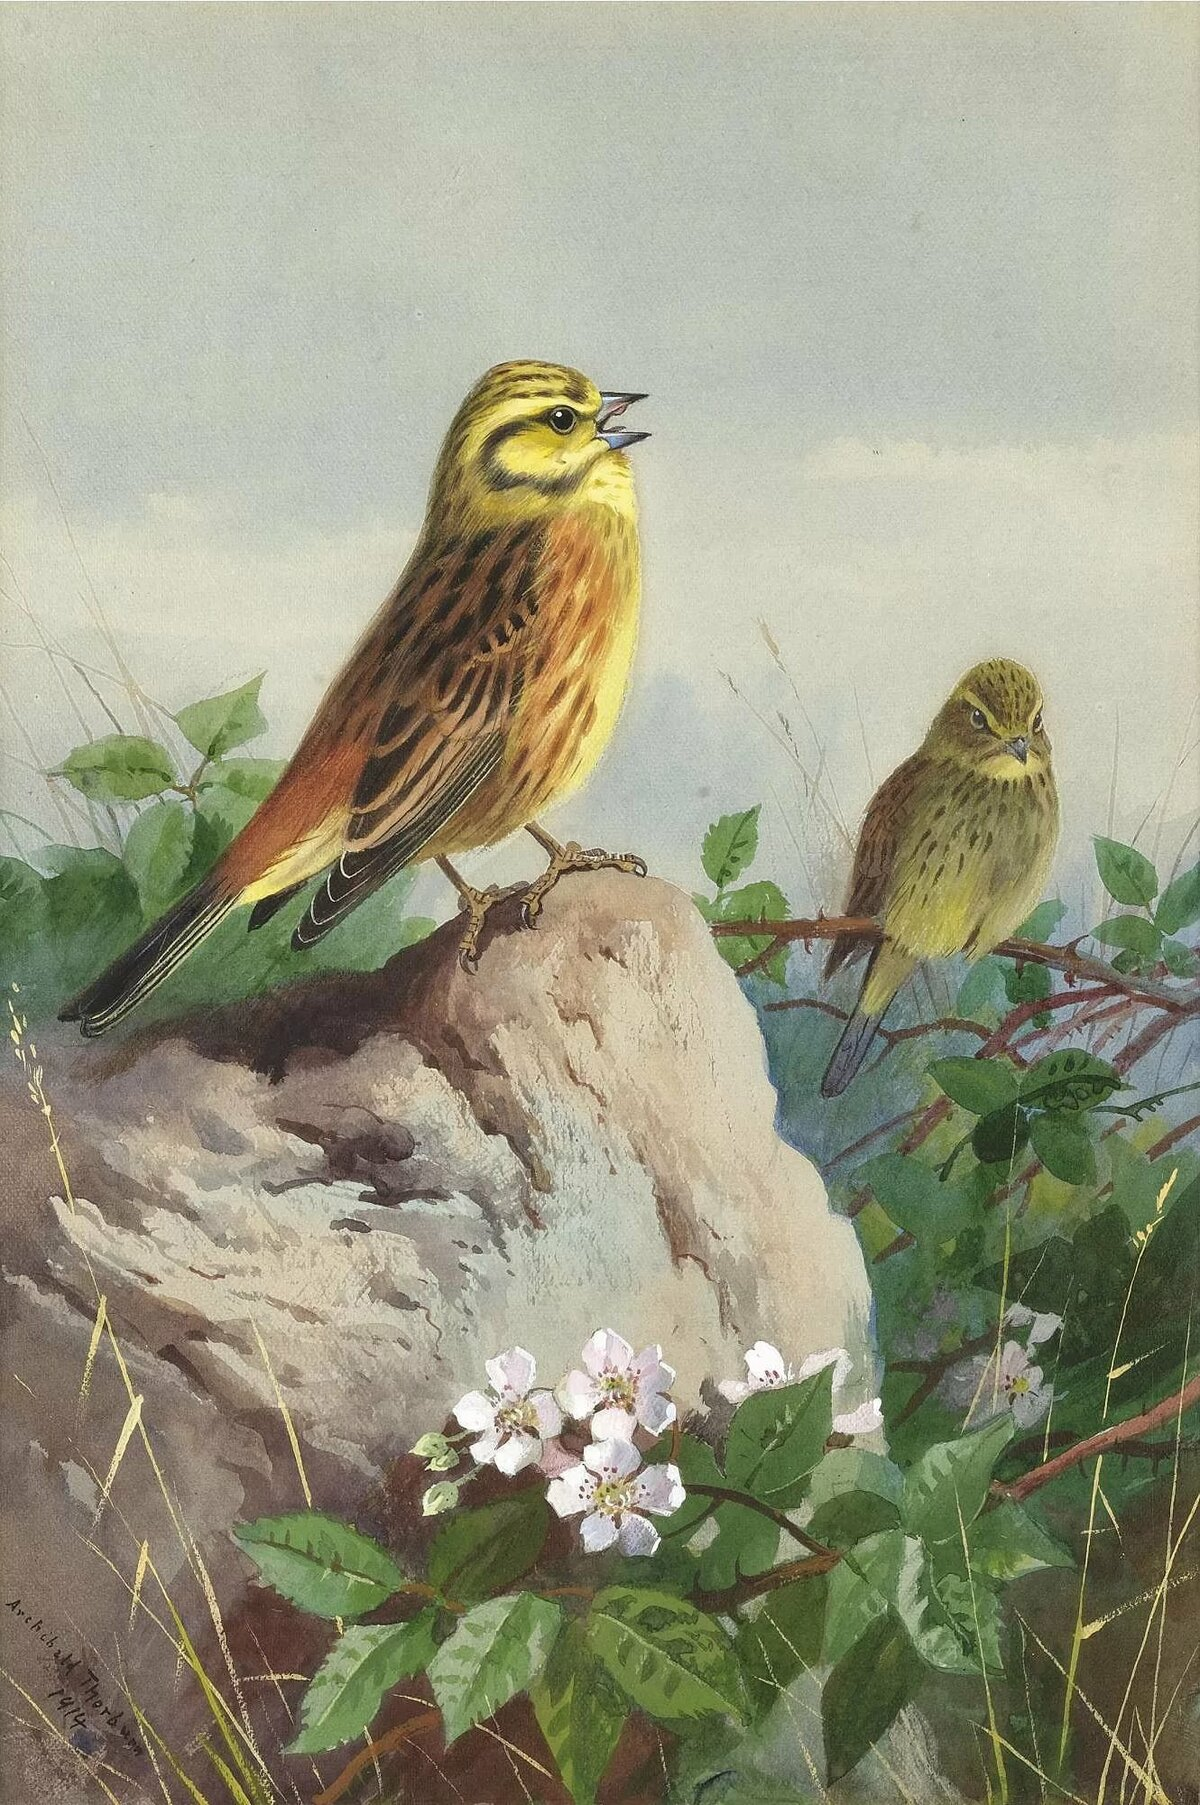 картинки с образом птиц решила